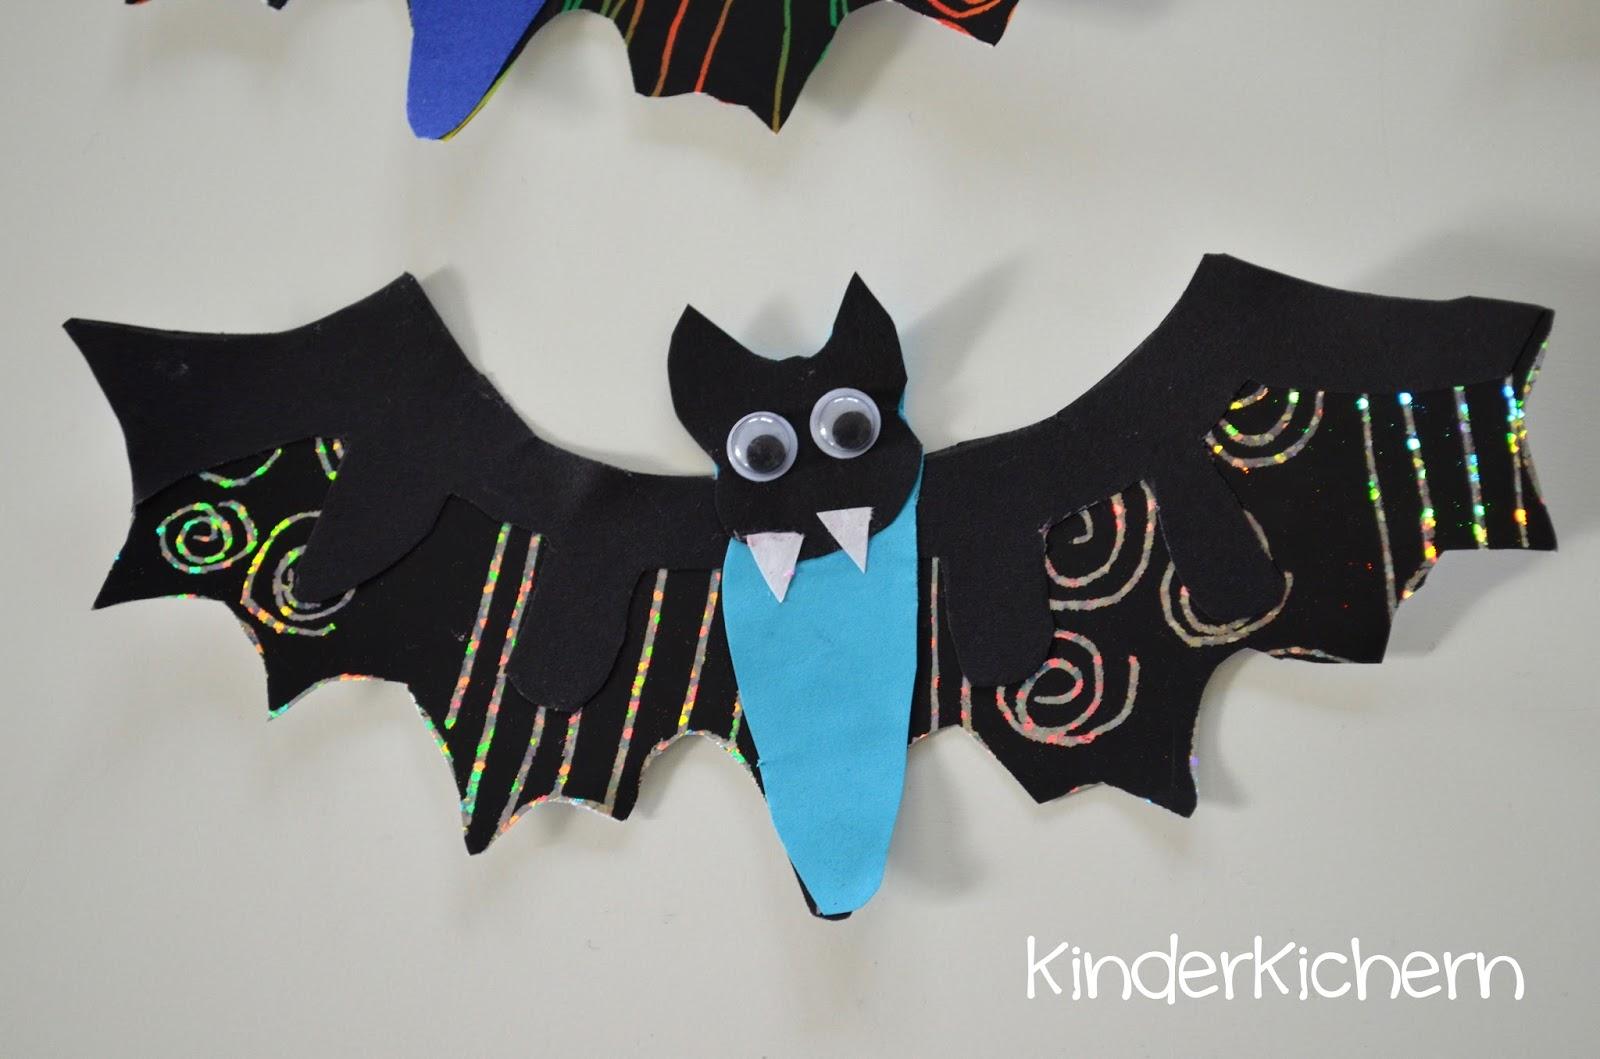 KinderKichern: Fledermäuse zu Halloween basteln